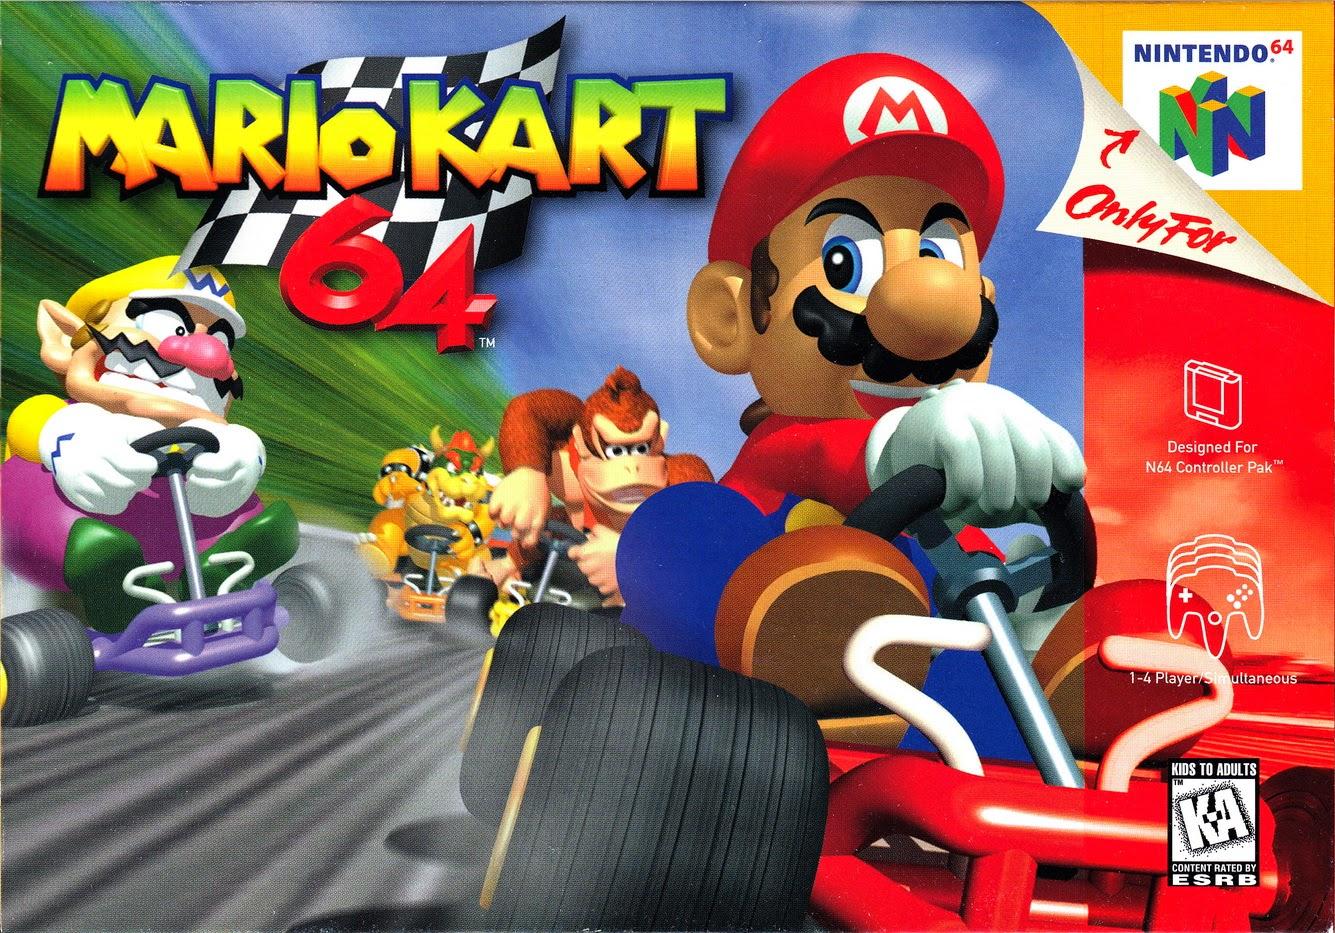 descargar mario carro para android apk español. Descarga El juego de Mario Kart 64 Emulado para Android Apk